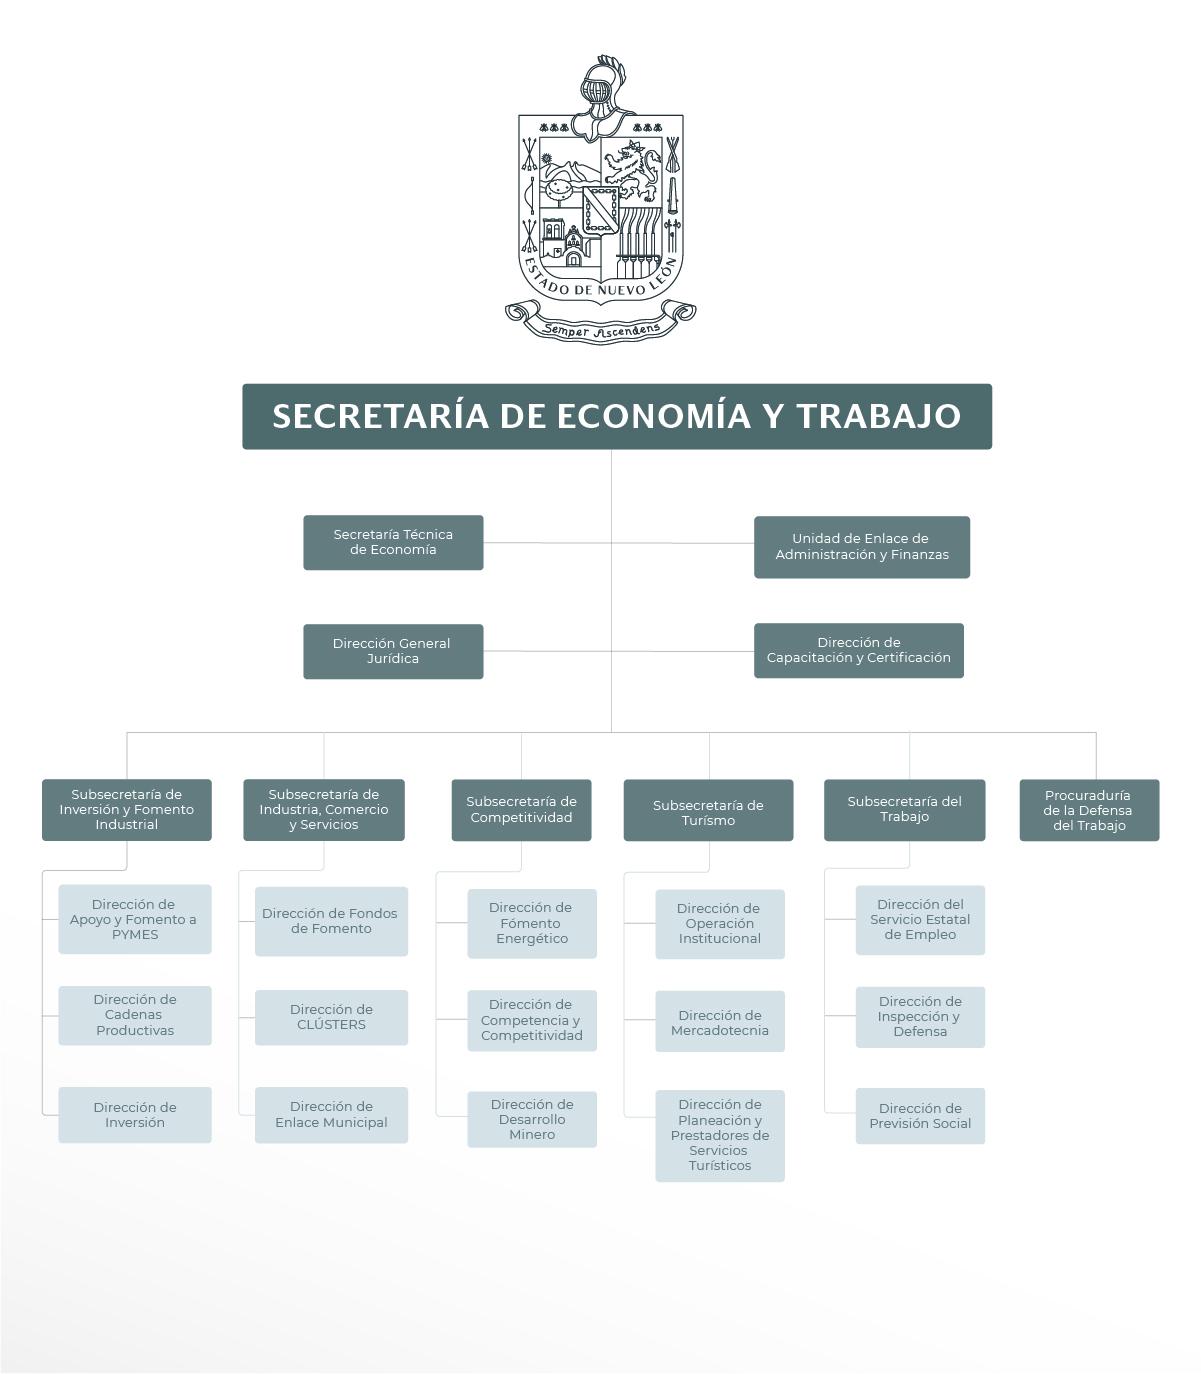 Organigrama de la Secretaría de Economía y Trabajo